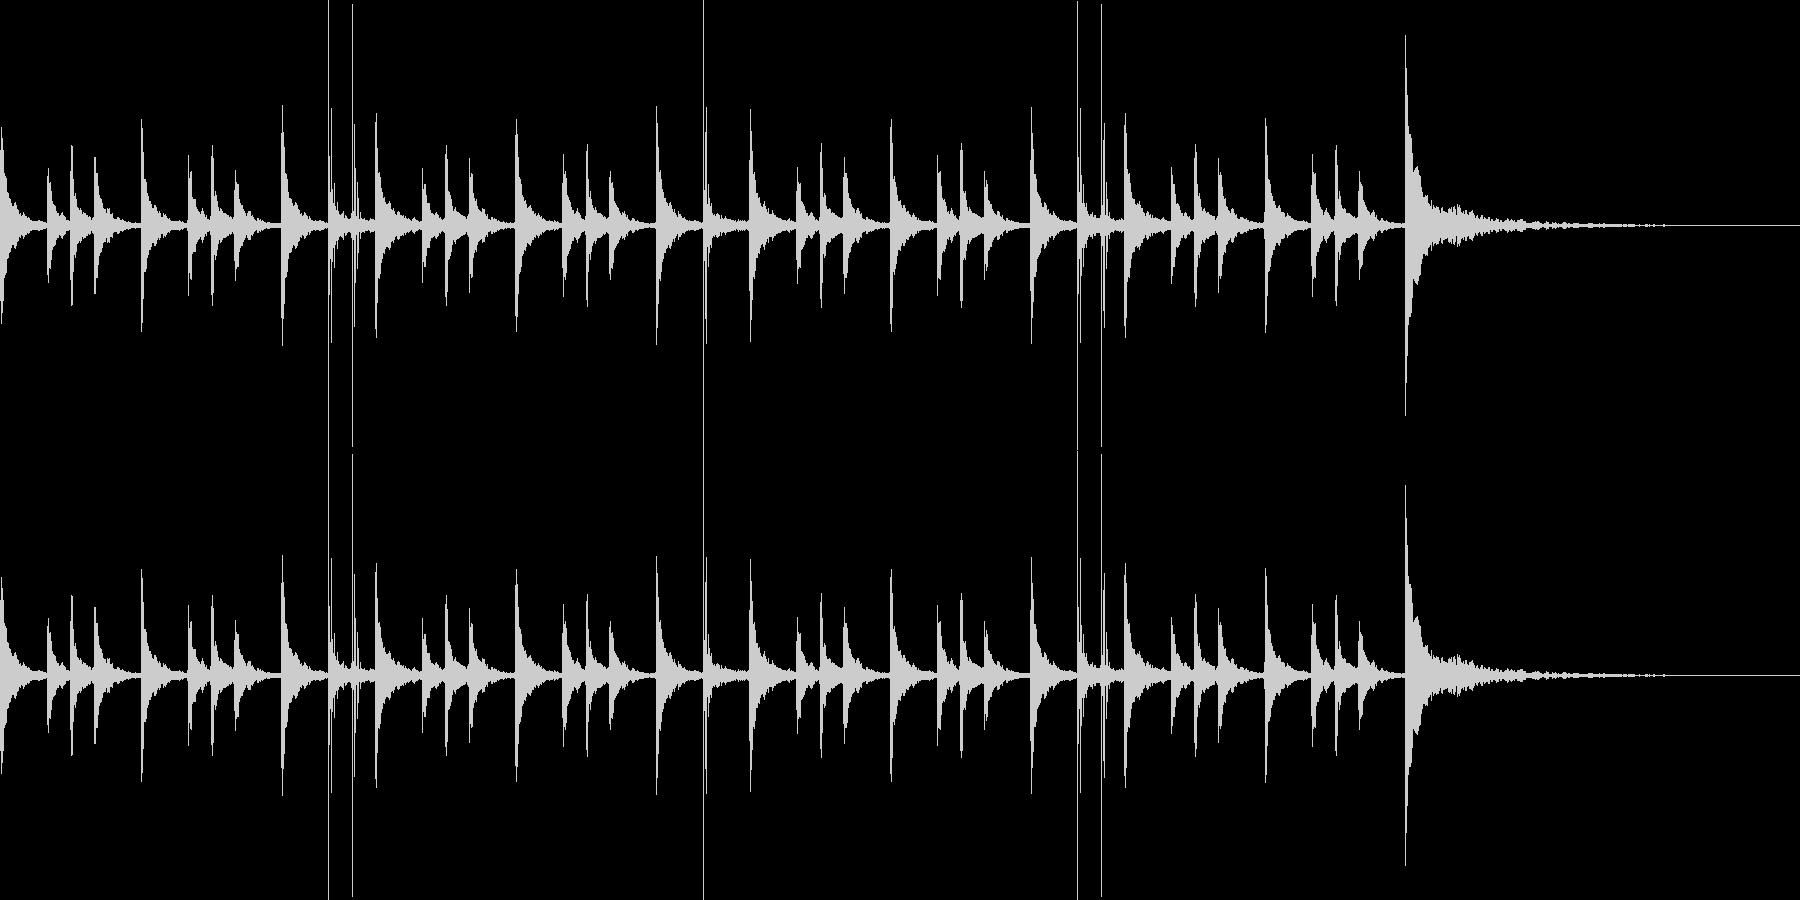 パーカッションのジングルの未再生の波形